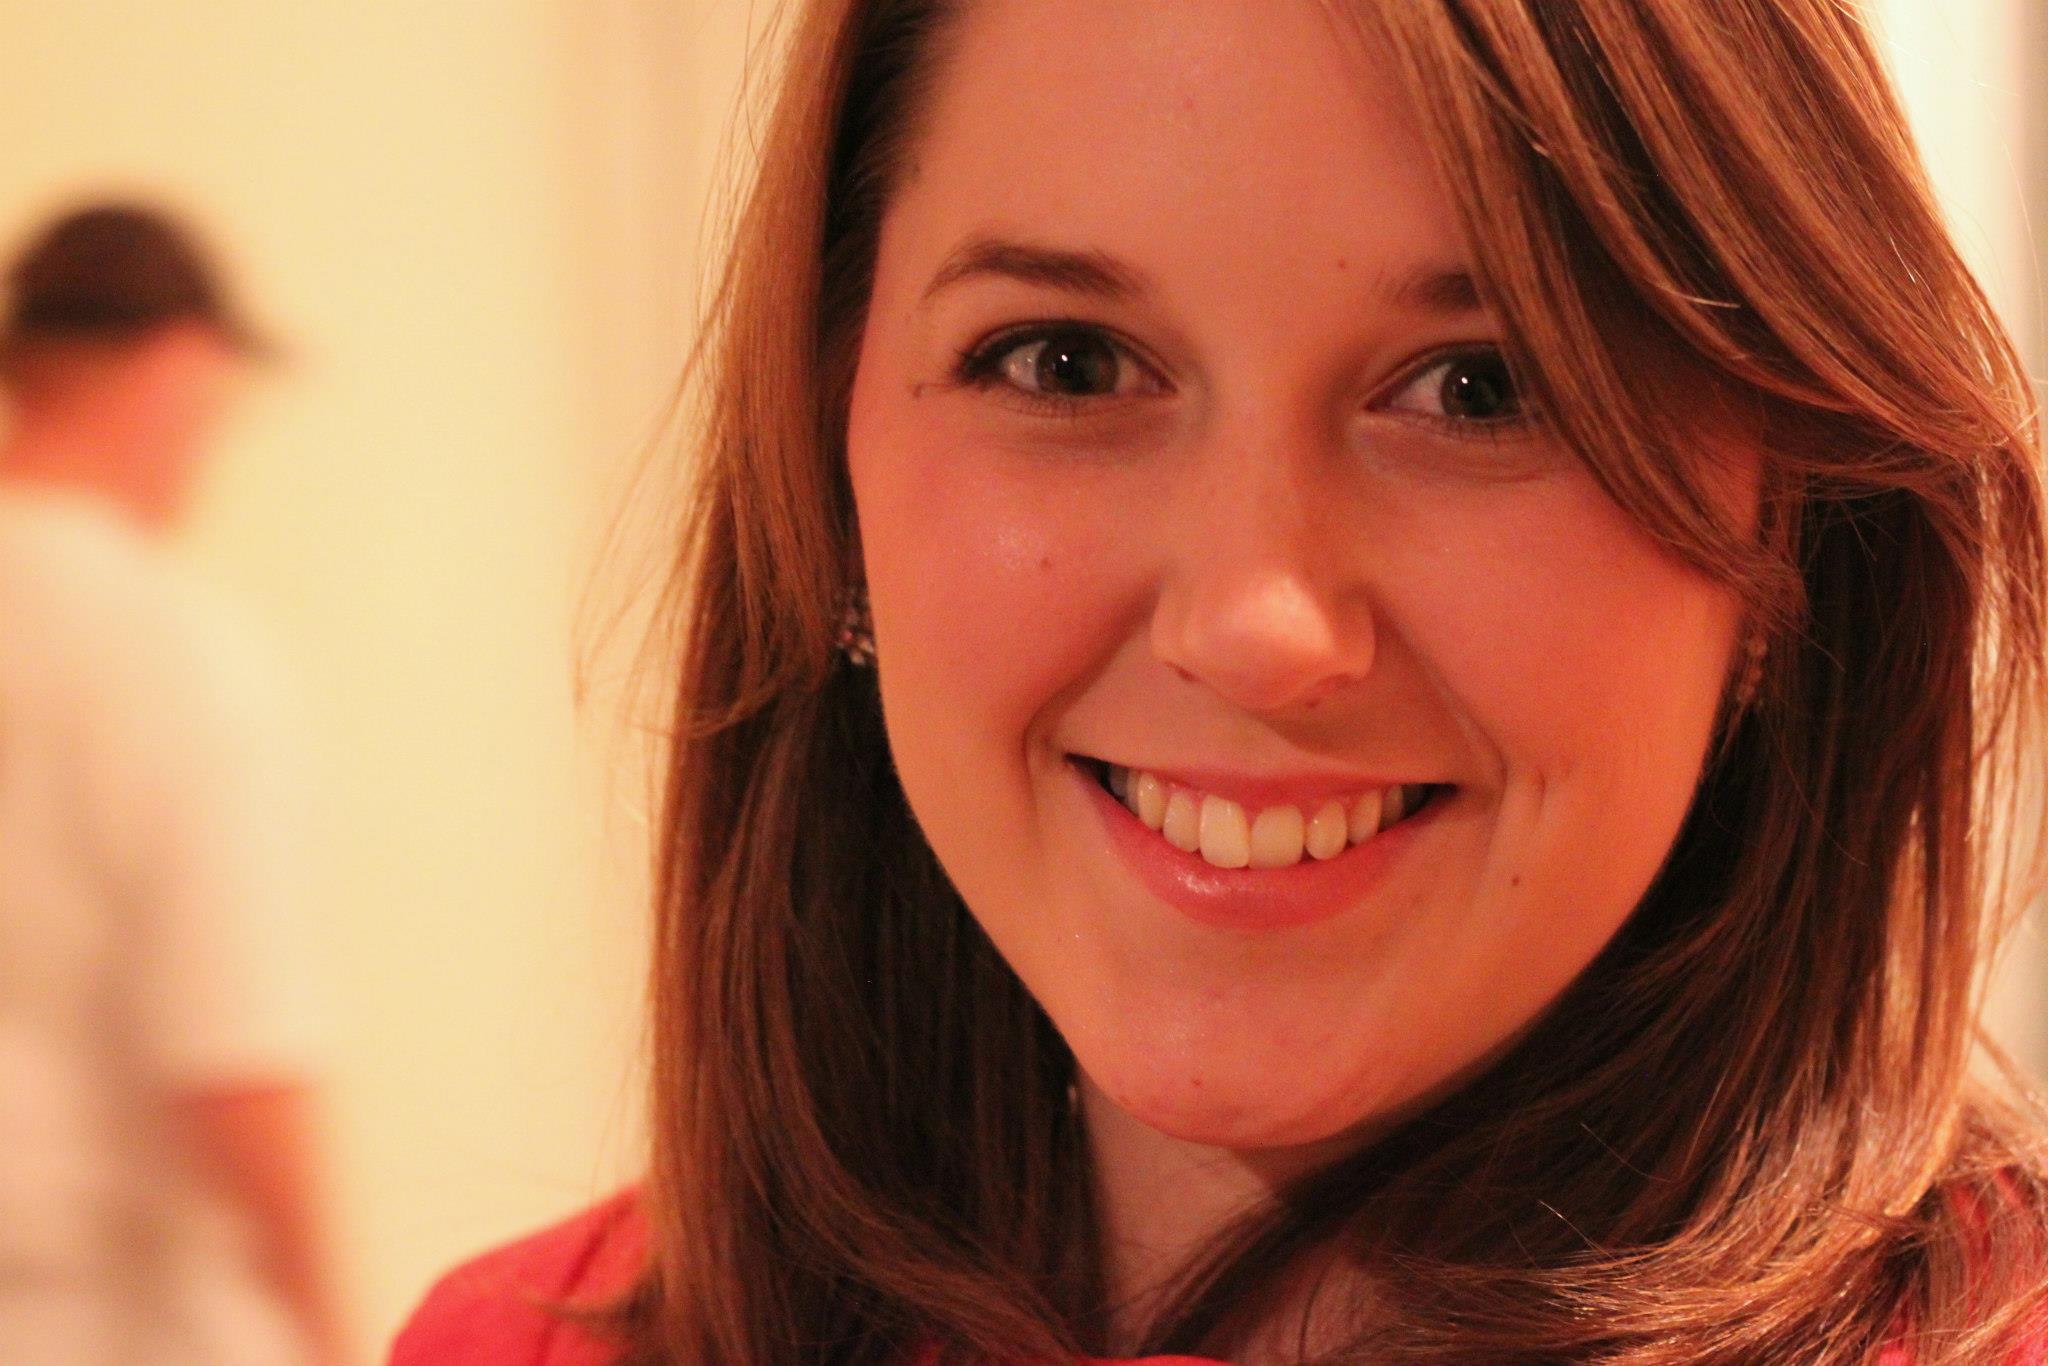 Elise Bishoff